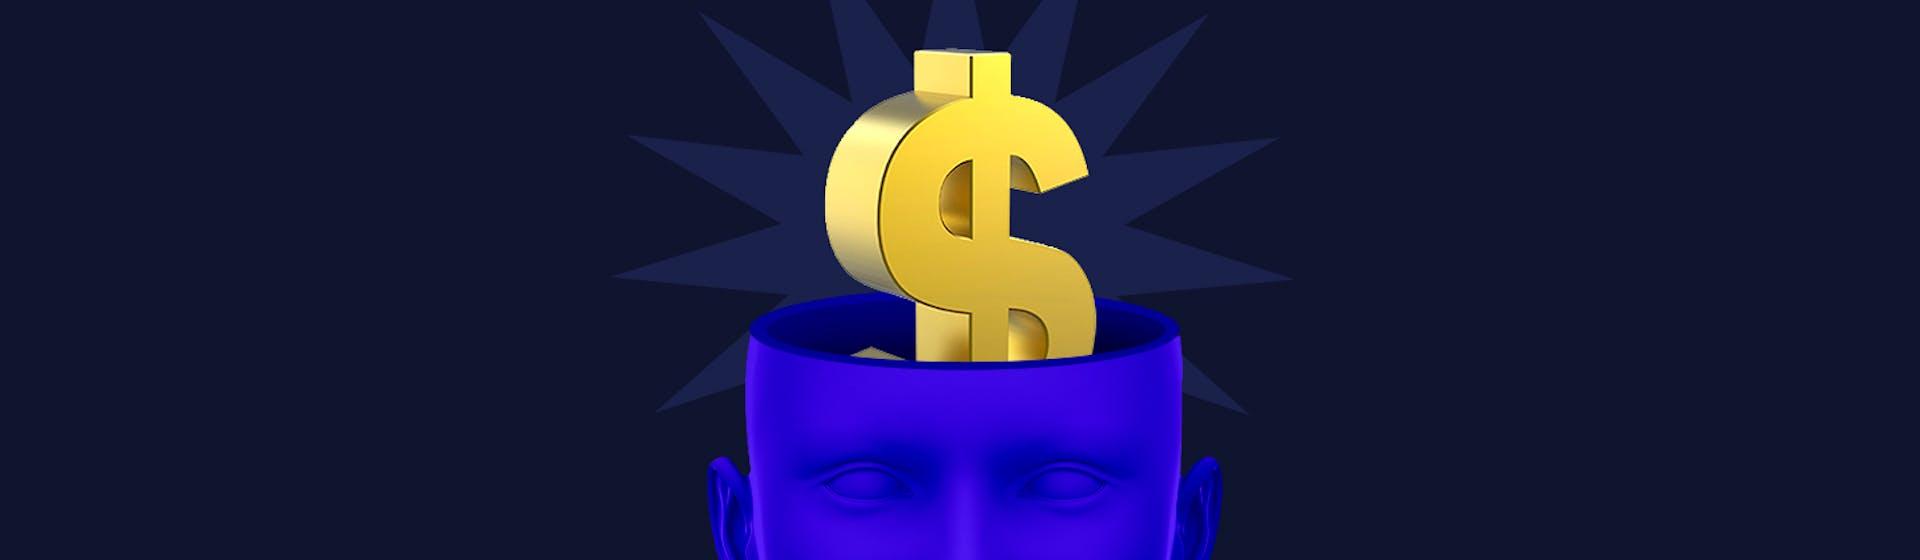 Inteligencia financiera: dile adiós a tus números en rojo